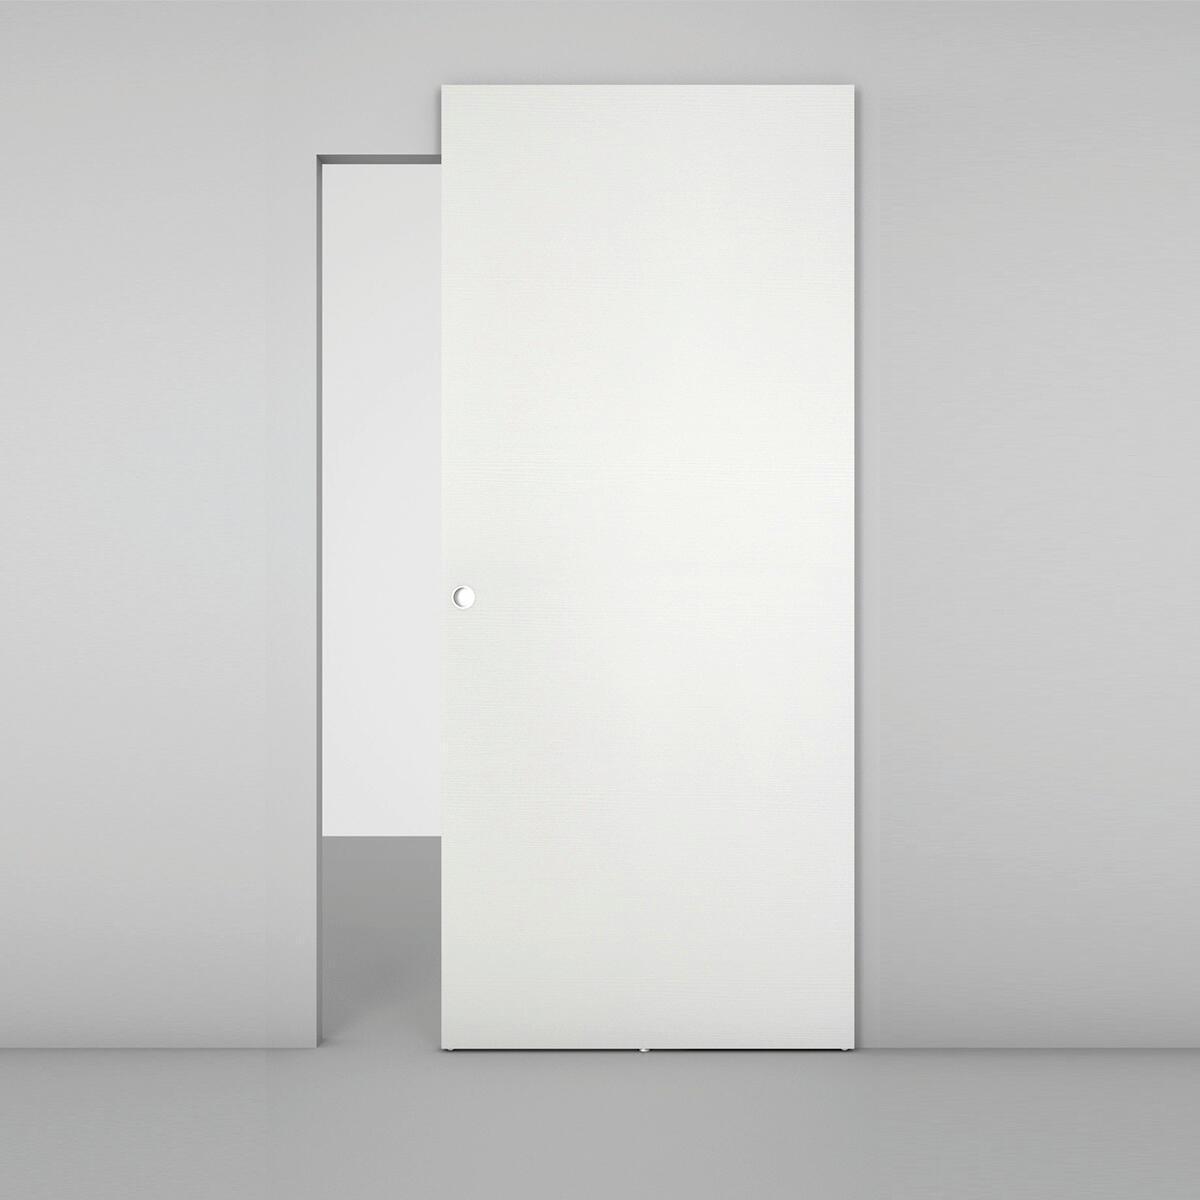 Porta scorrevole con binario esterno Space Matrix Tda in legno, Binario nascosto L 101 x H 230 cm sx - 2